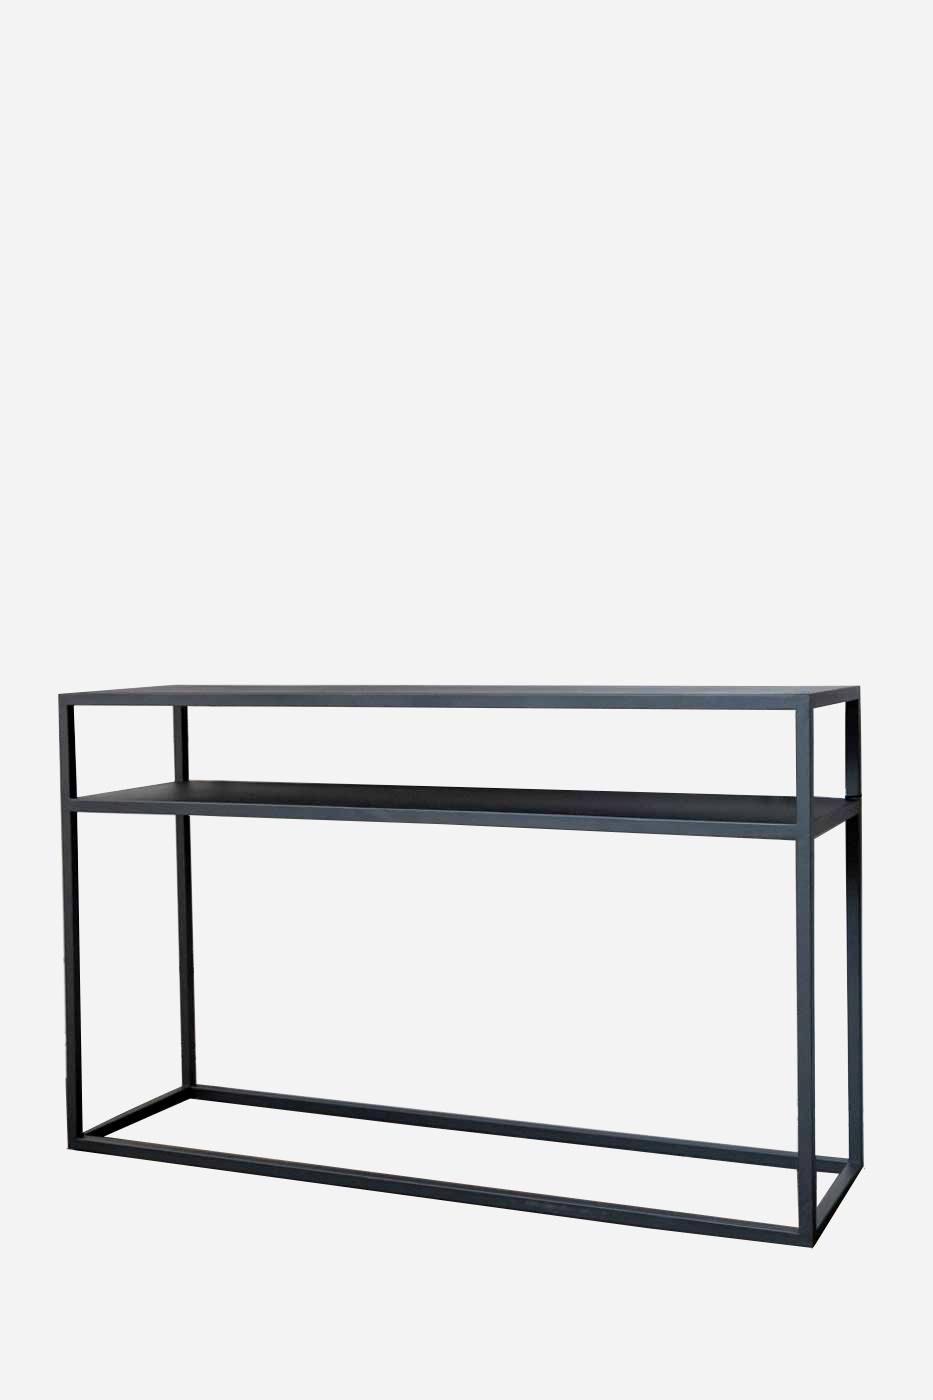 Avlastningsbord Lausanne 125 cm svart